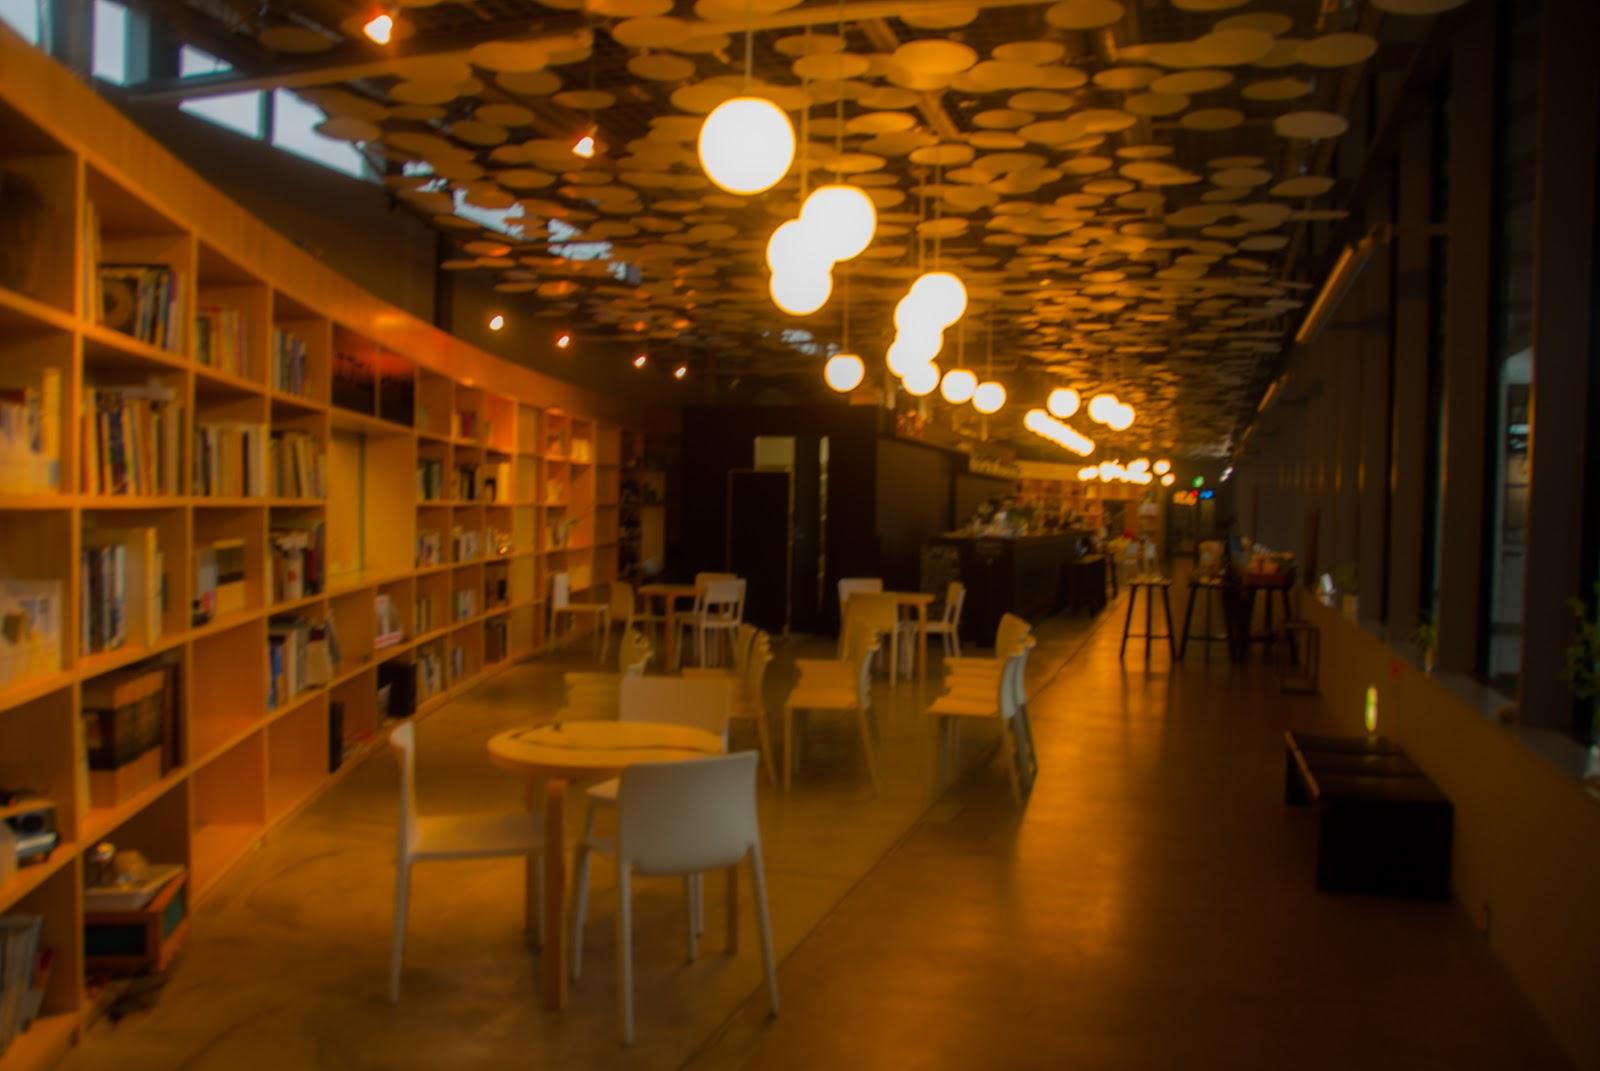 越後妻有里山現代美術館 キナーレ エントランス 越後しなのがわバル カフェスペース